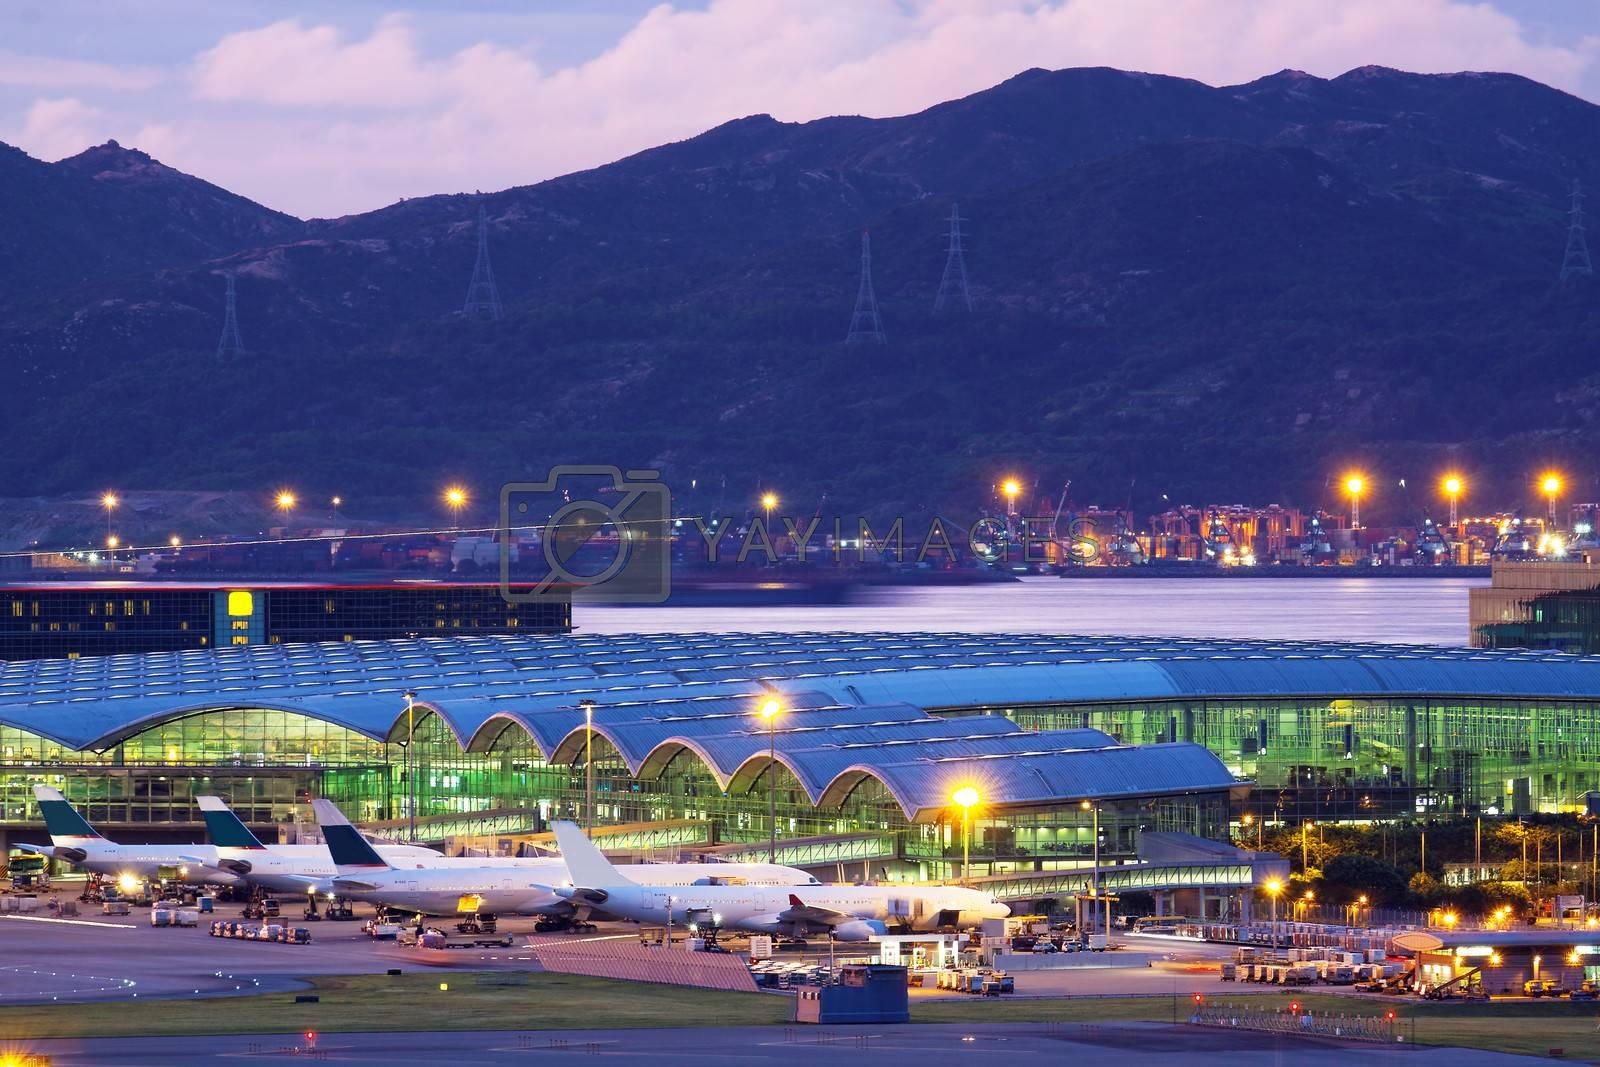 Hongkong airport at tung chung